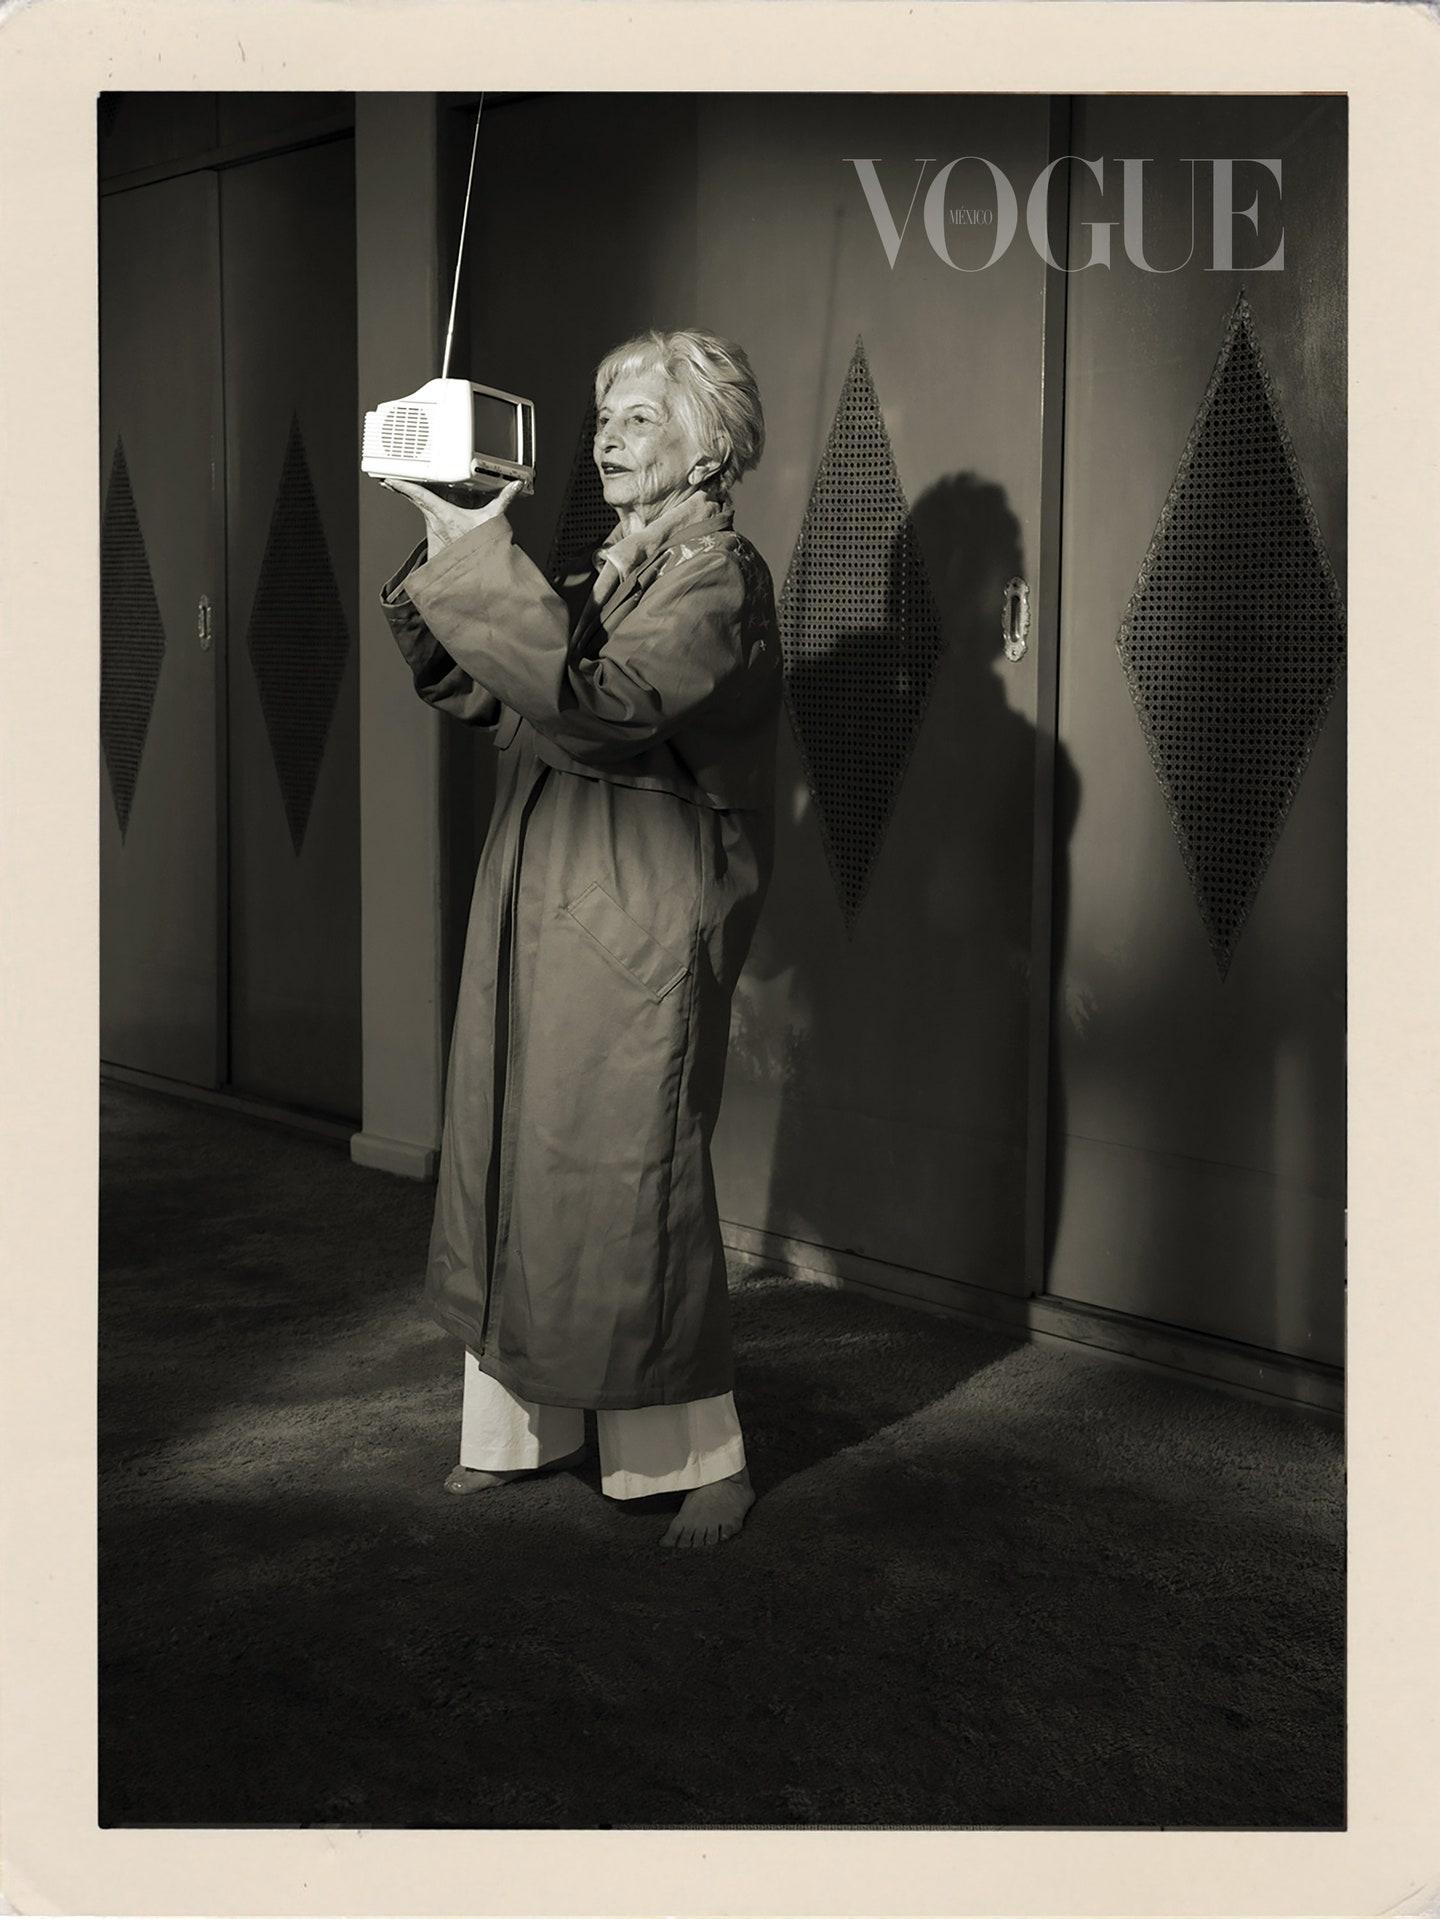 Обложка дня: мексиканский Vogue поместил на обложку бабушек своих сотрудников (ФОТО) - фото №3